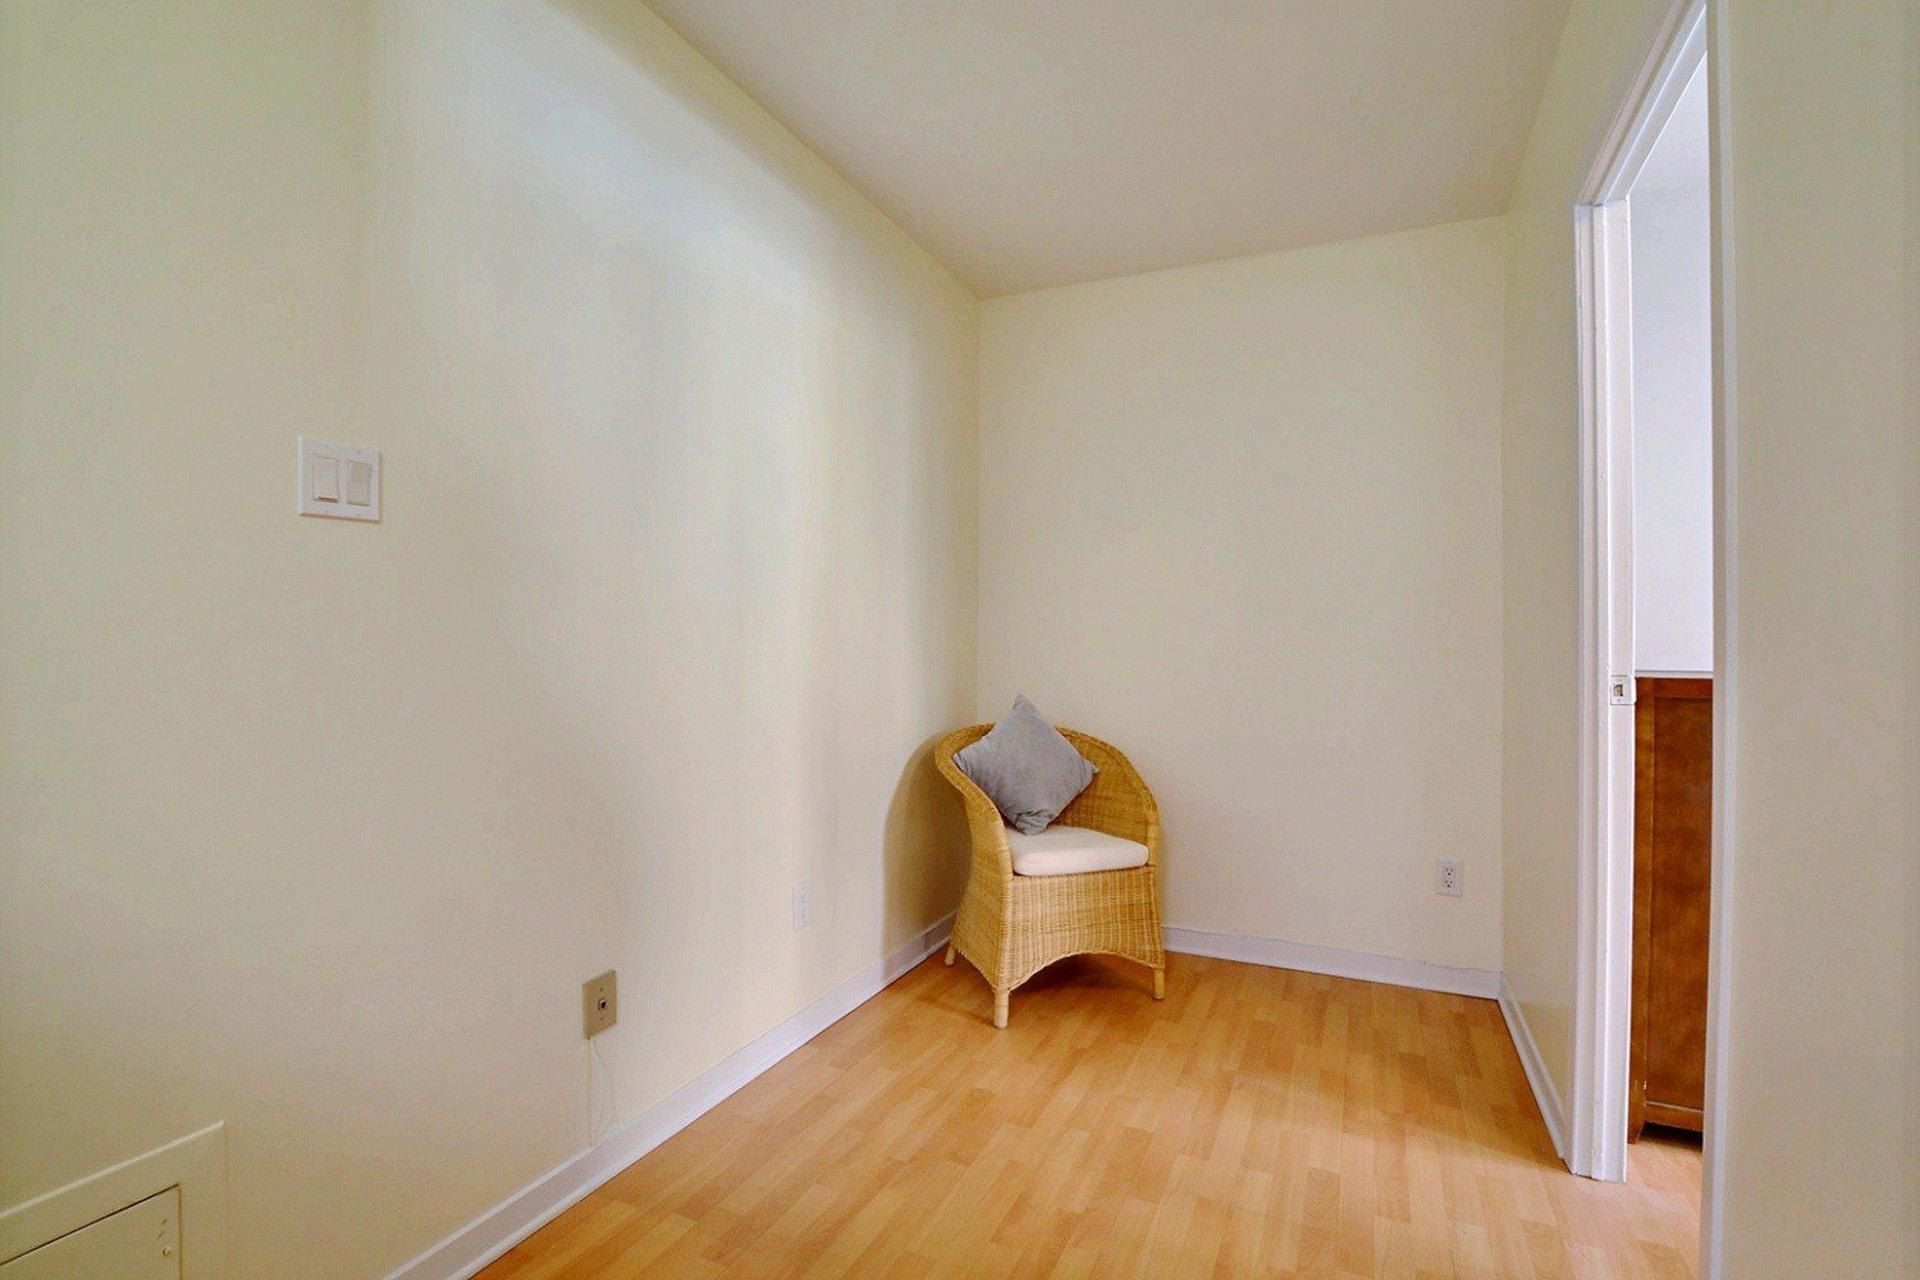 image 13 - Appartement À vendre Montréal Ahuntsic-Cartierville  - 7 pièces